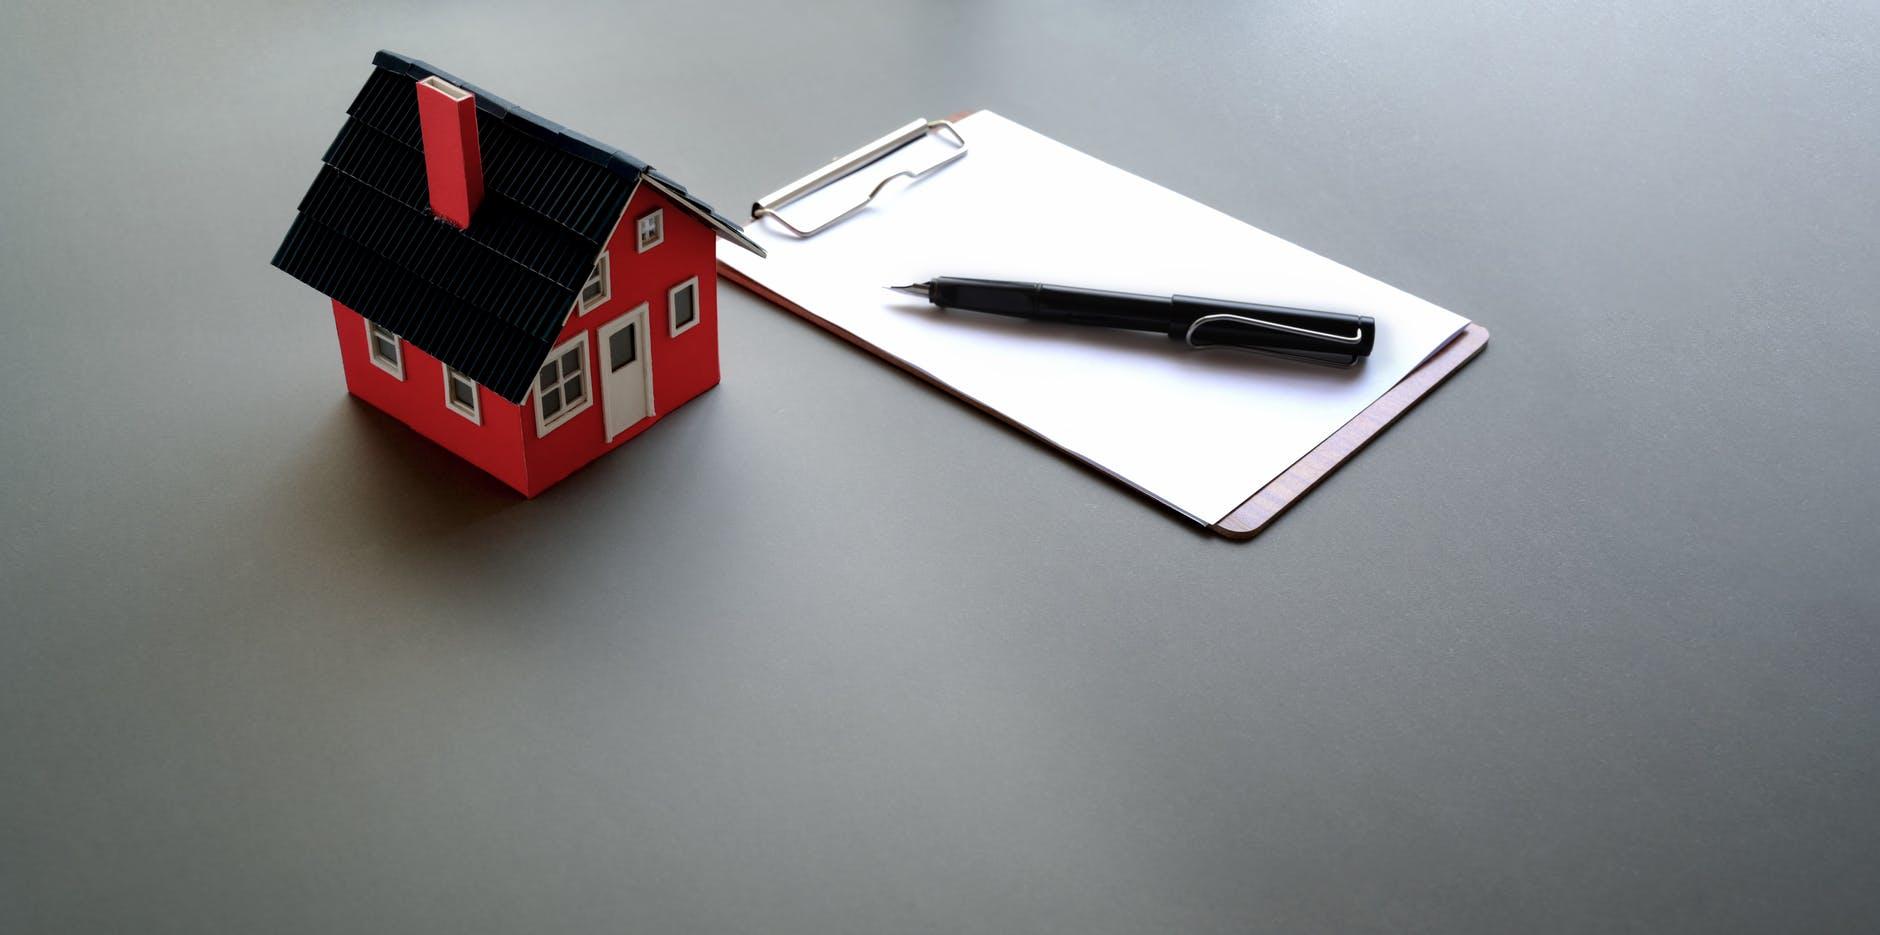 Wunschimmobilie finanzieren mit Wohn-Riester | BERATUNG.DE